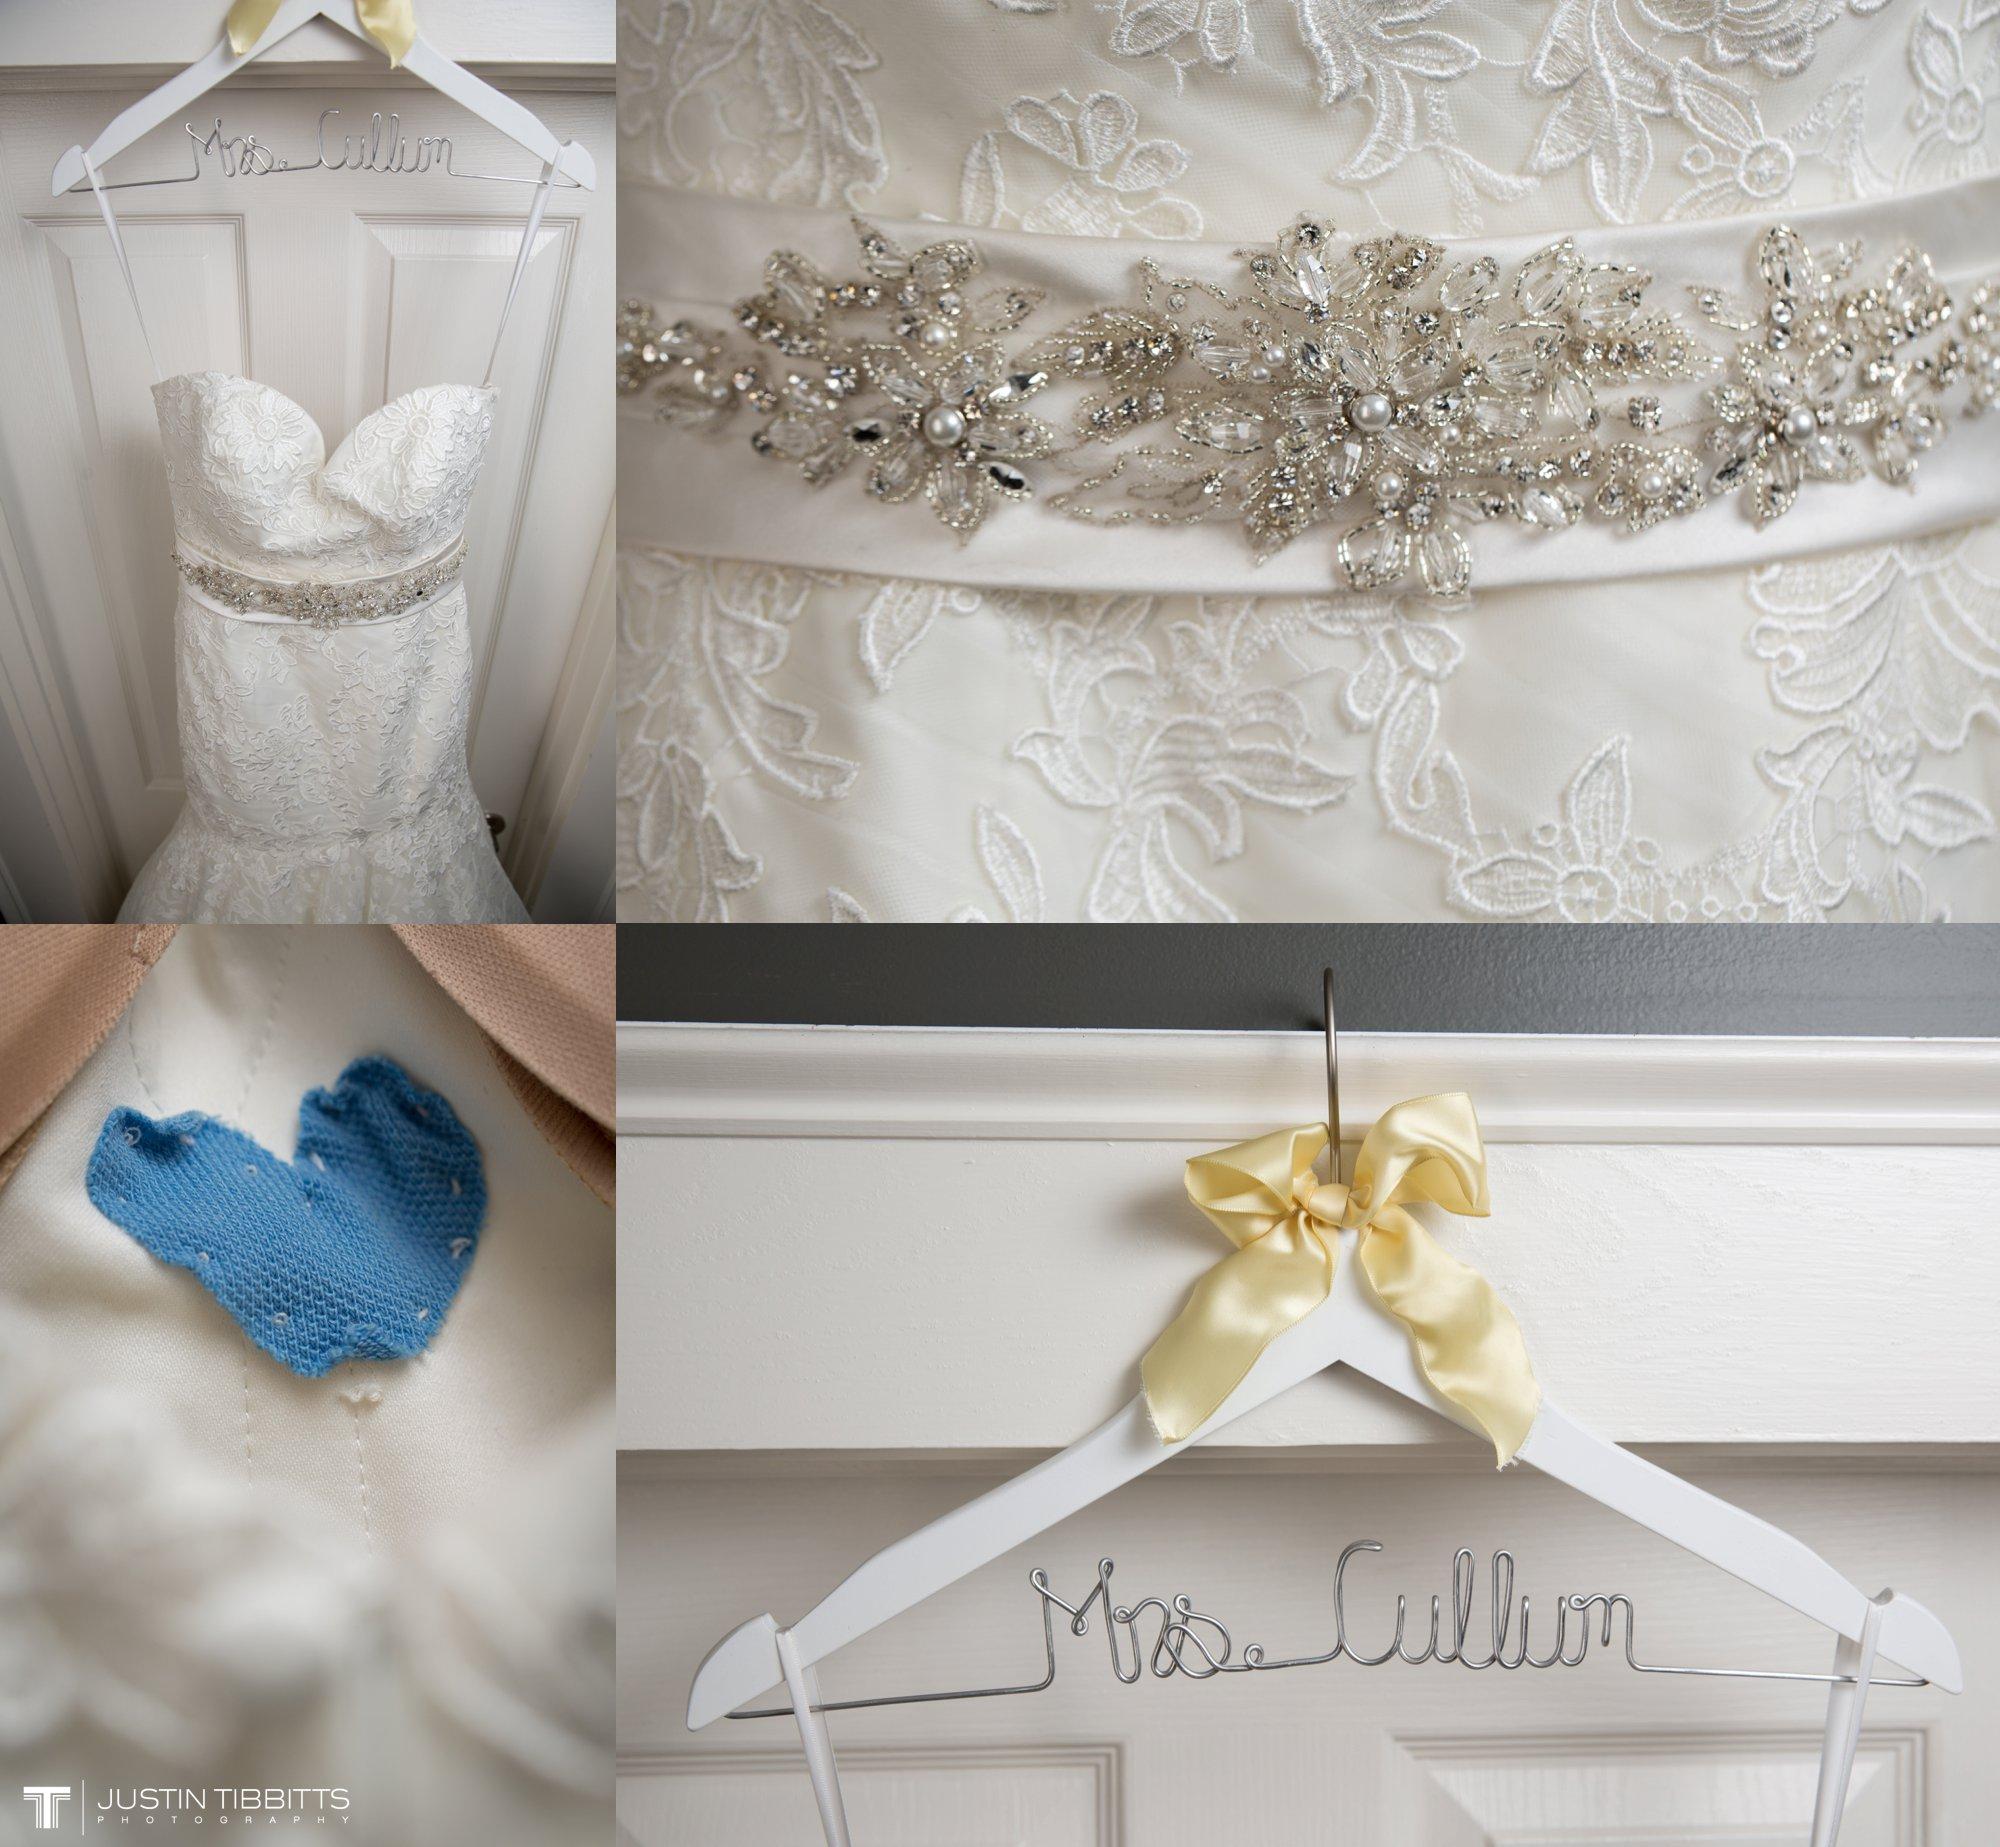 Albany NY Wedding Photographer Justin Tibbitts Photography 2014 Best of Albany NY Weddings-537722138316